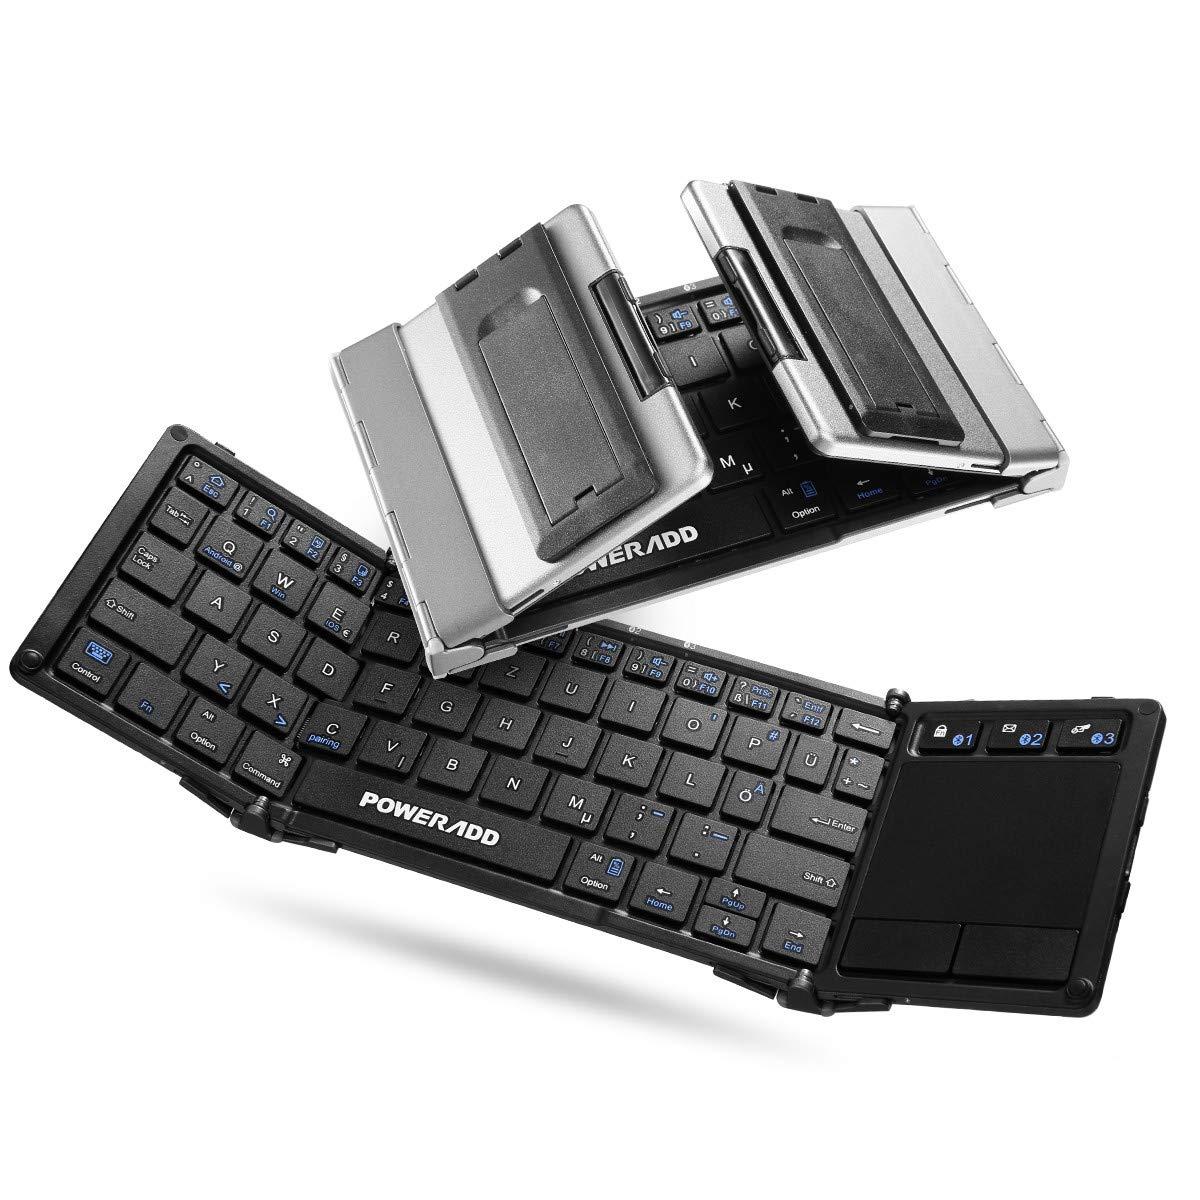 Poweradd Bluetooth Faltbare Tri-fold Tastatur mit Touchpad für iOS, Android, Windows, PC, Tablets und Smartphone